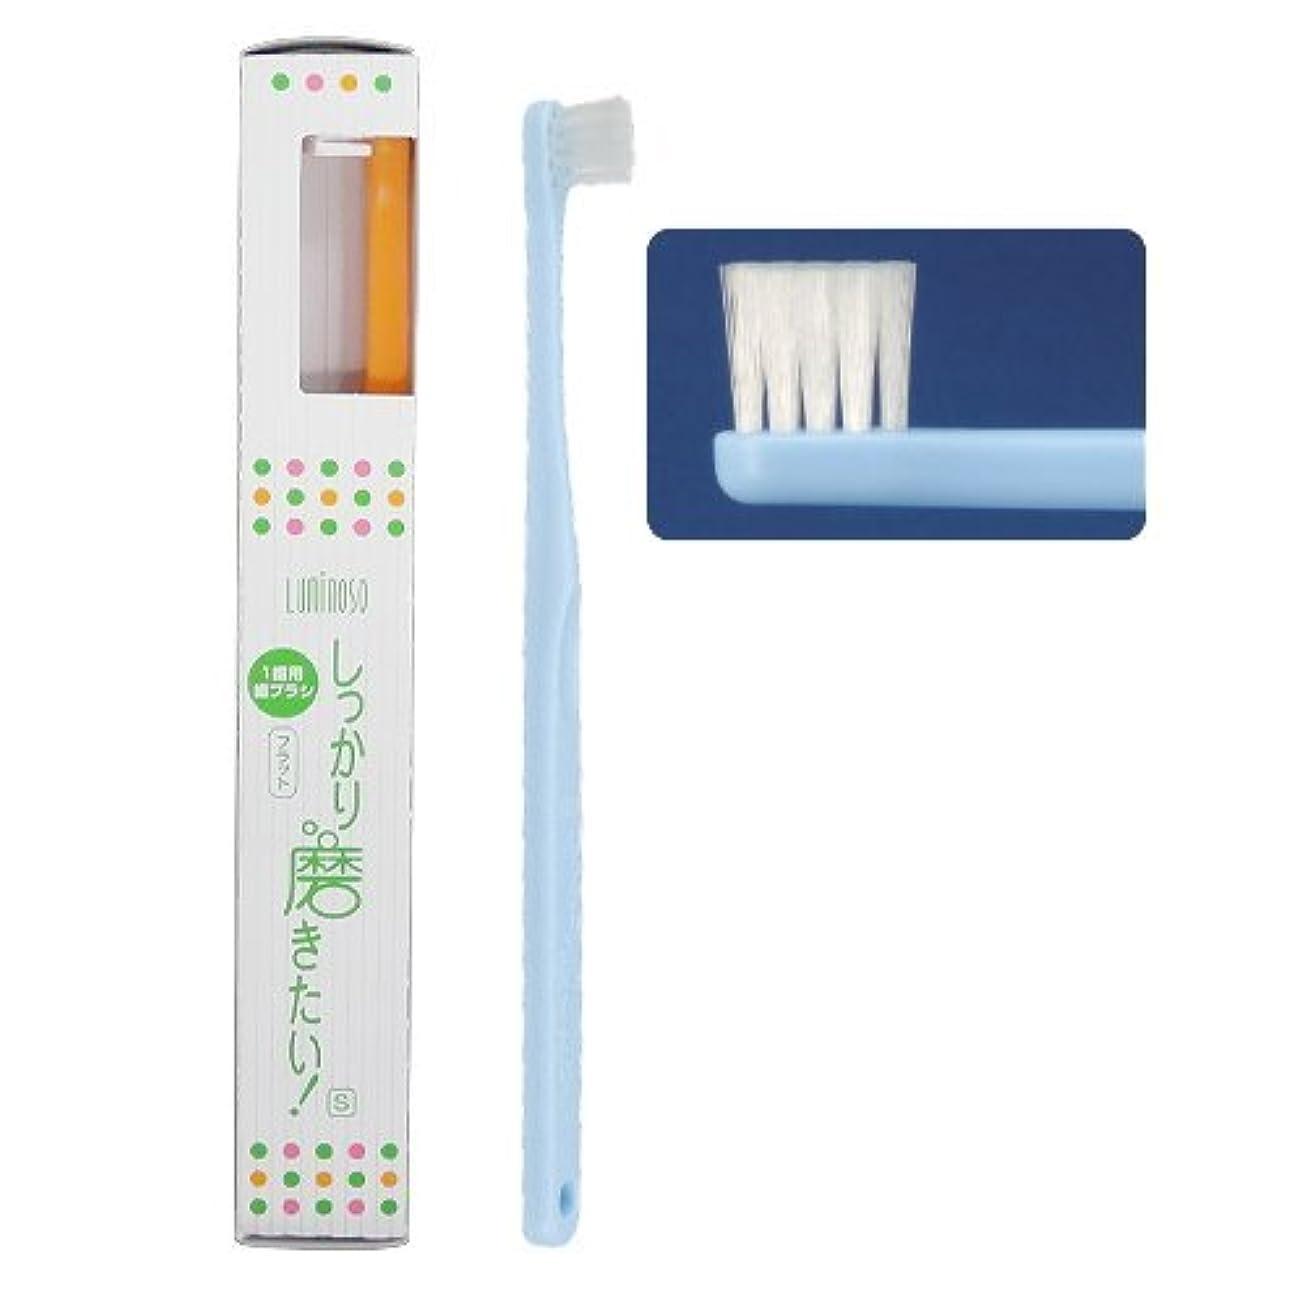 過半数教室軸ルミノソ 1歯用歯ブラシ 「しっかり磨きたい!」 フラット ソフト (カラー指定不可) 3本